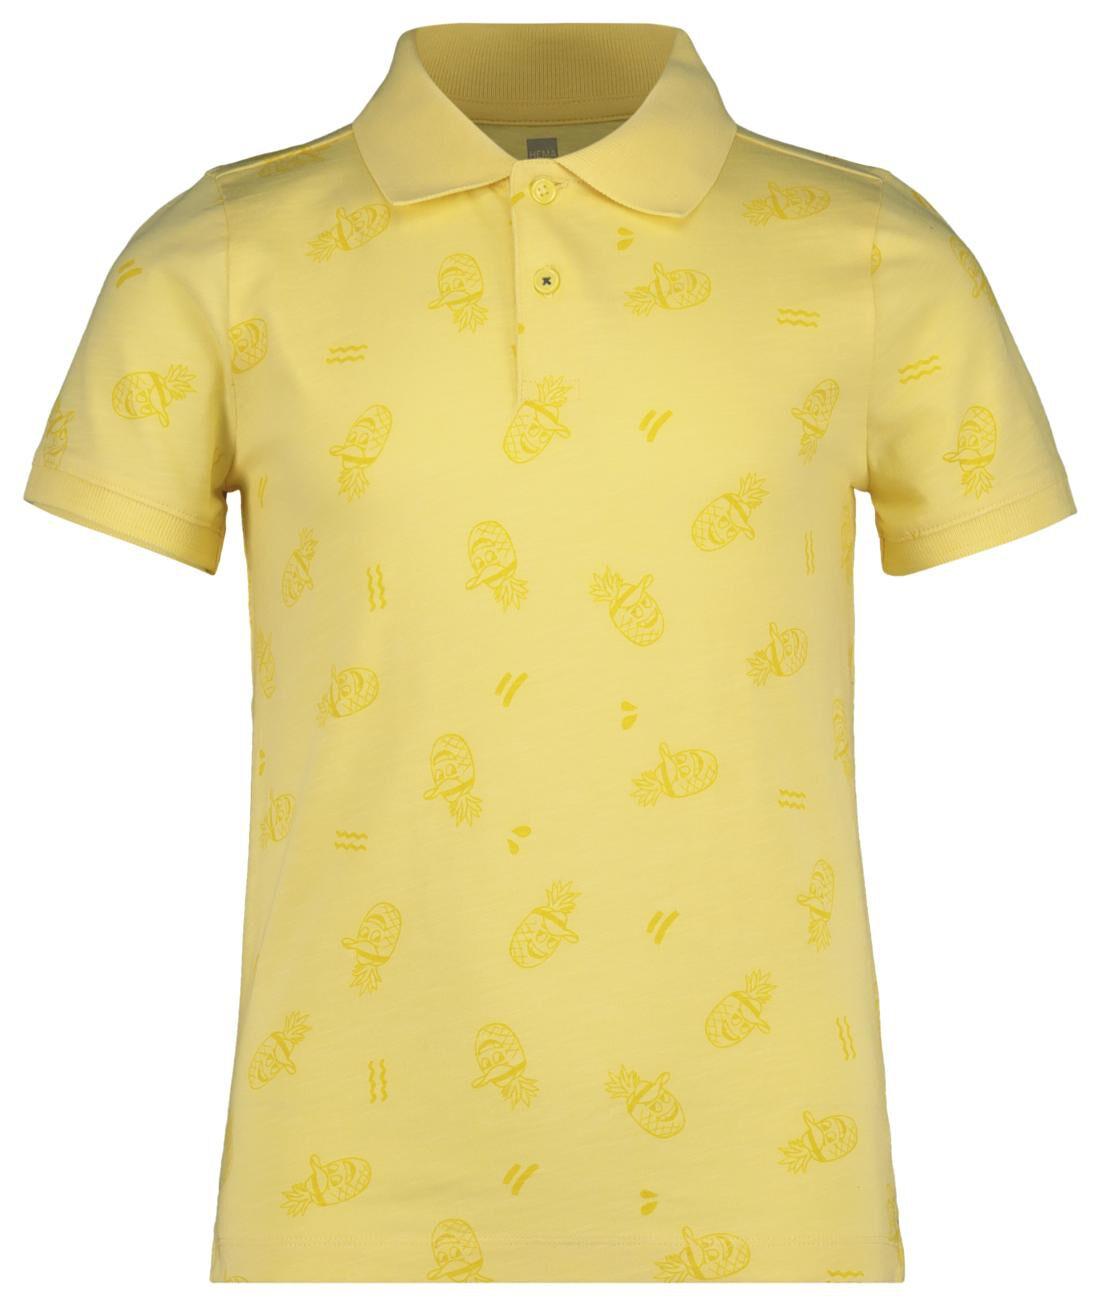 HEMA Kinder Poloshirt Geel (geel)